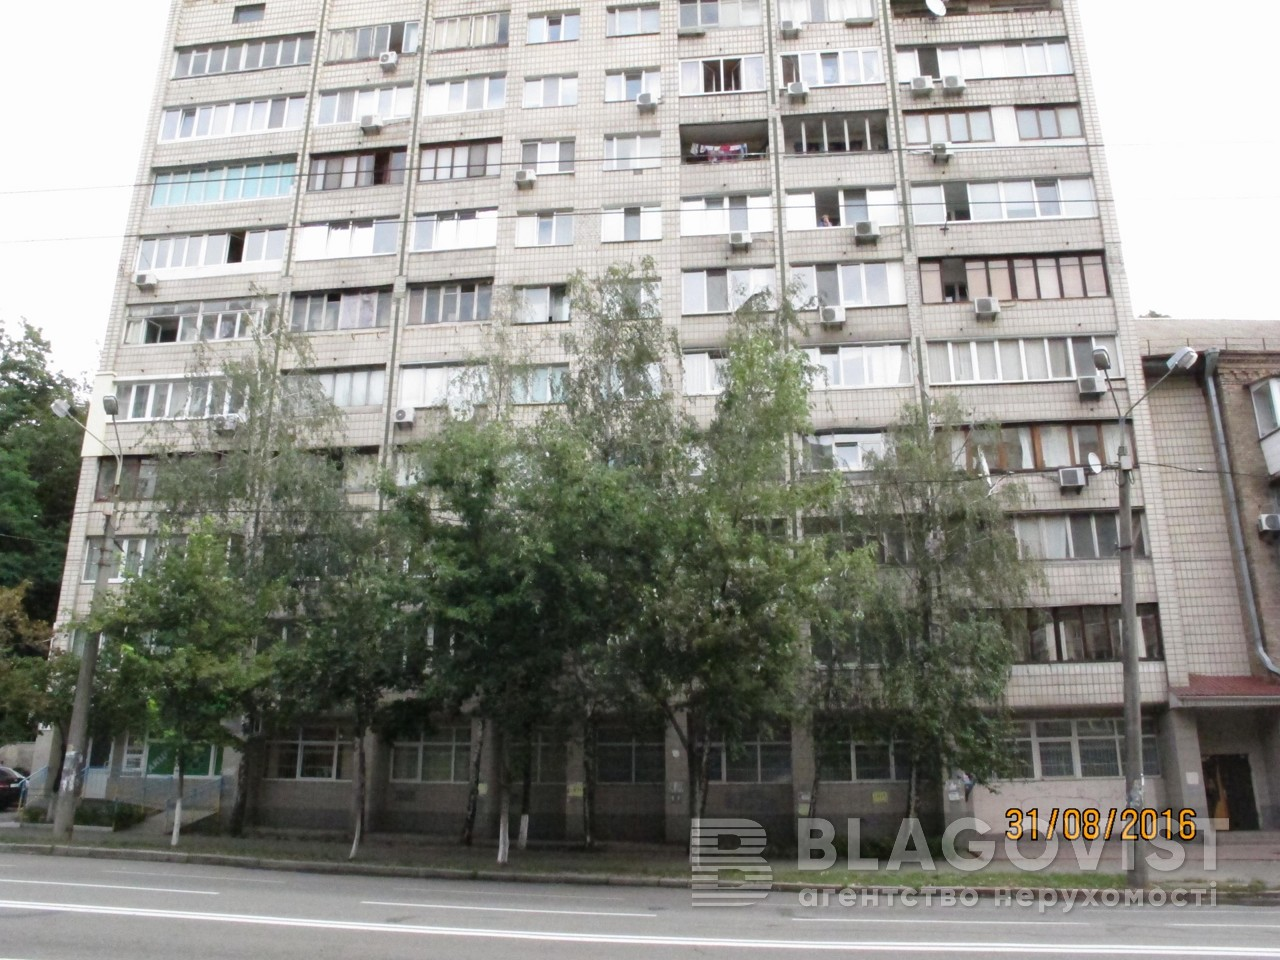 Офис, G-293, Бойчука Михаила (Киквидзе), Киев - Фото 1